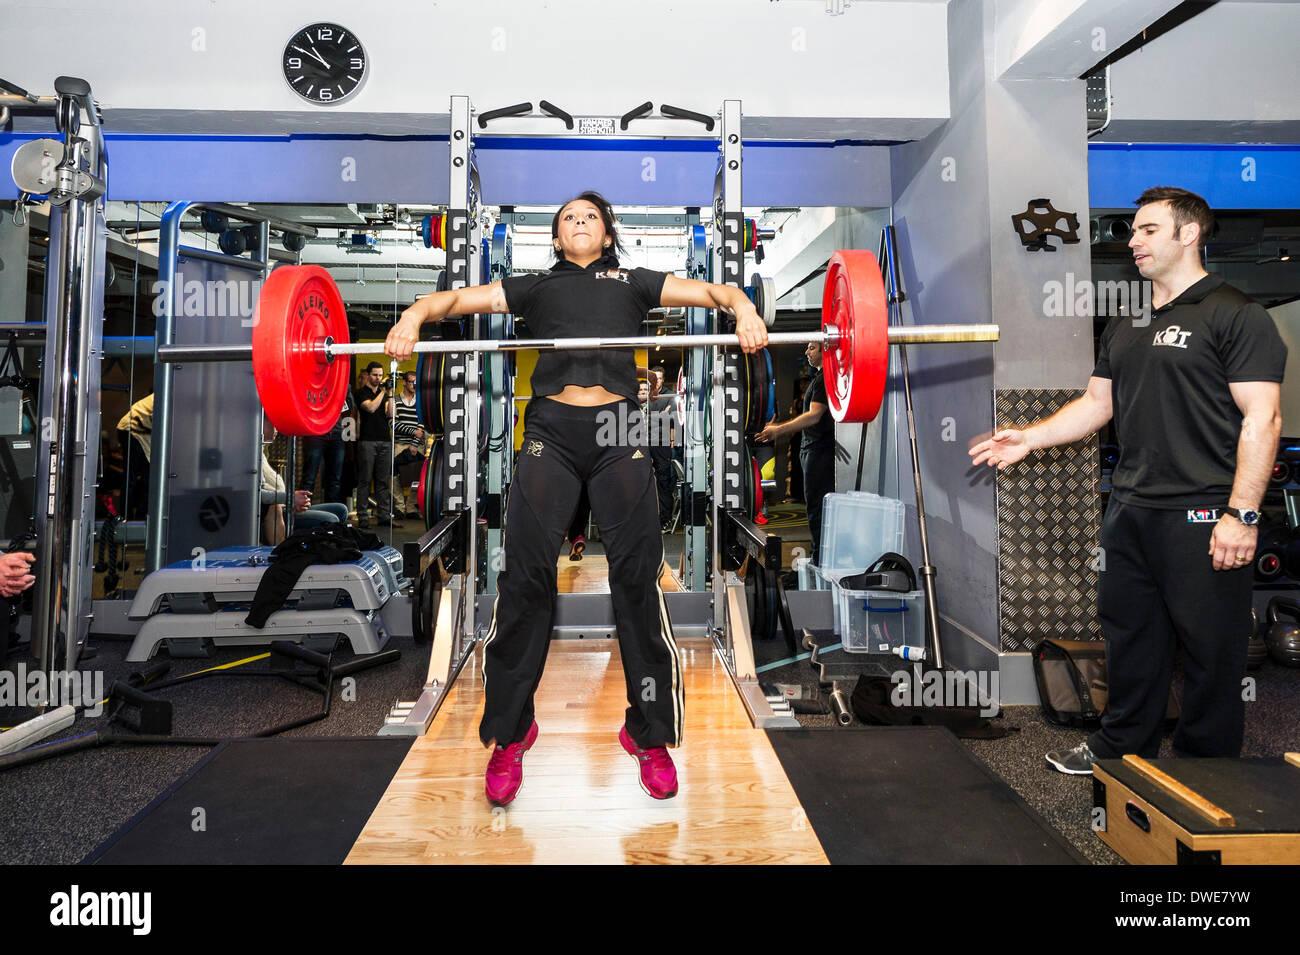 Londres, Royaume-Uni. Le jeudi 6 mars. 2014: Zoe Smith, de l'haltérophile anglais et Olympien lors du lancement de la conférence de presse BodyPowerExpo. Zoé, qui est maintenant une KBTEducation liens sponsorisés et de l'athlète fait partie de l'équipe d'KBTEducation, a donné une série de manifestations dans les techniques d'haltérophilie coachée par Sam Dovey.. Photographe; Gordon 1928/Alamy Live News. Photo Stock